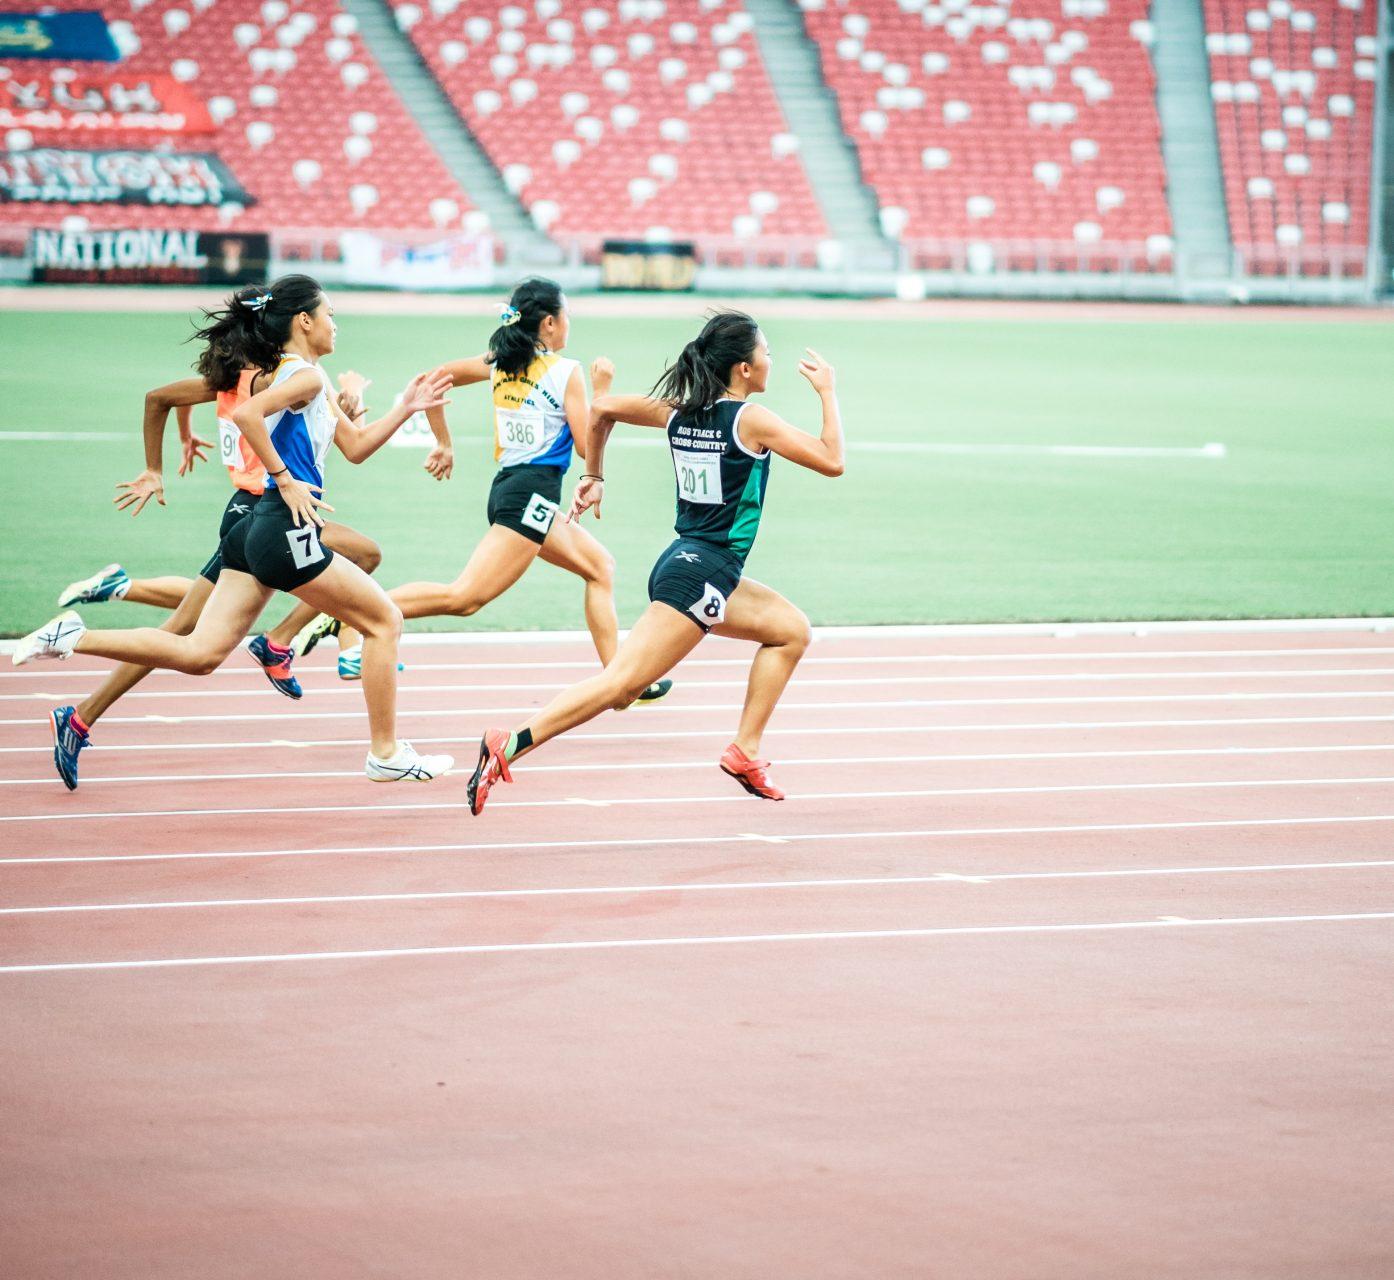 Läufer: vorher ohne Bildbearbeitung